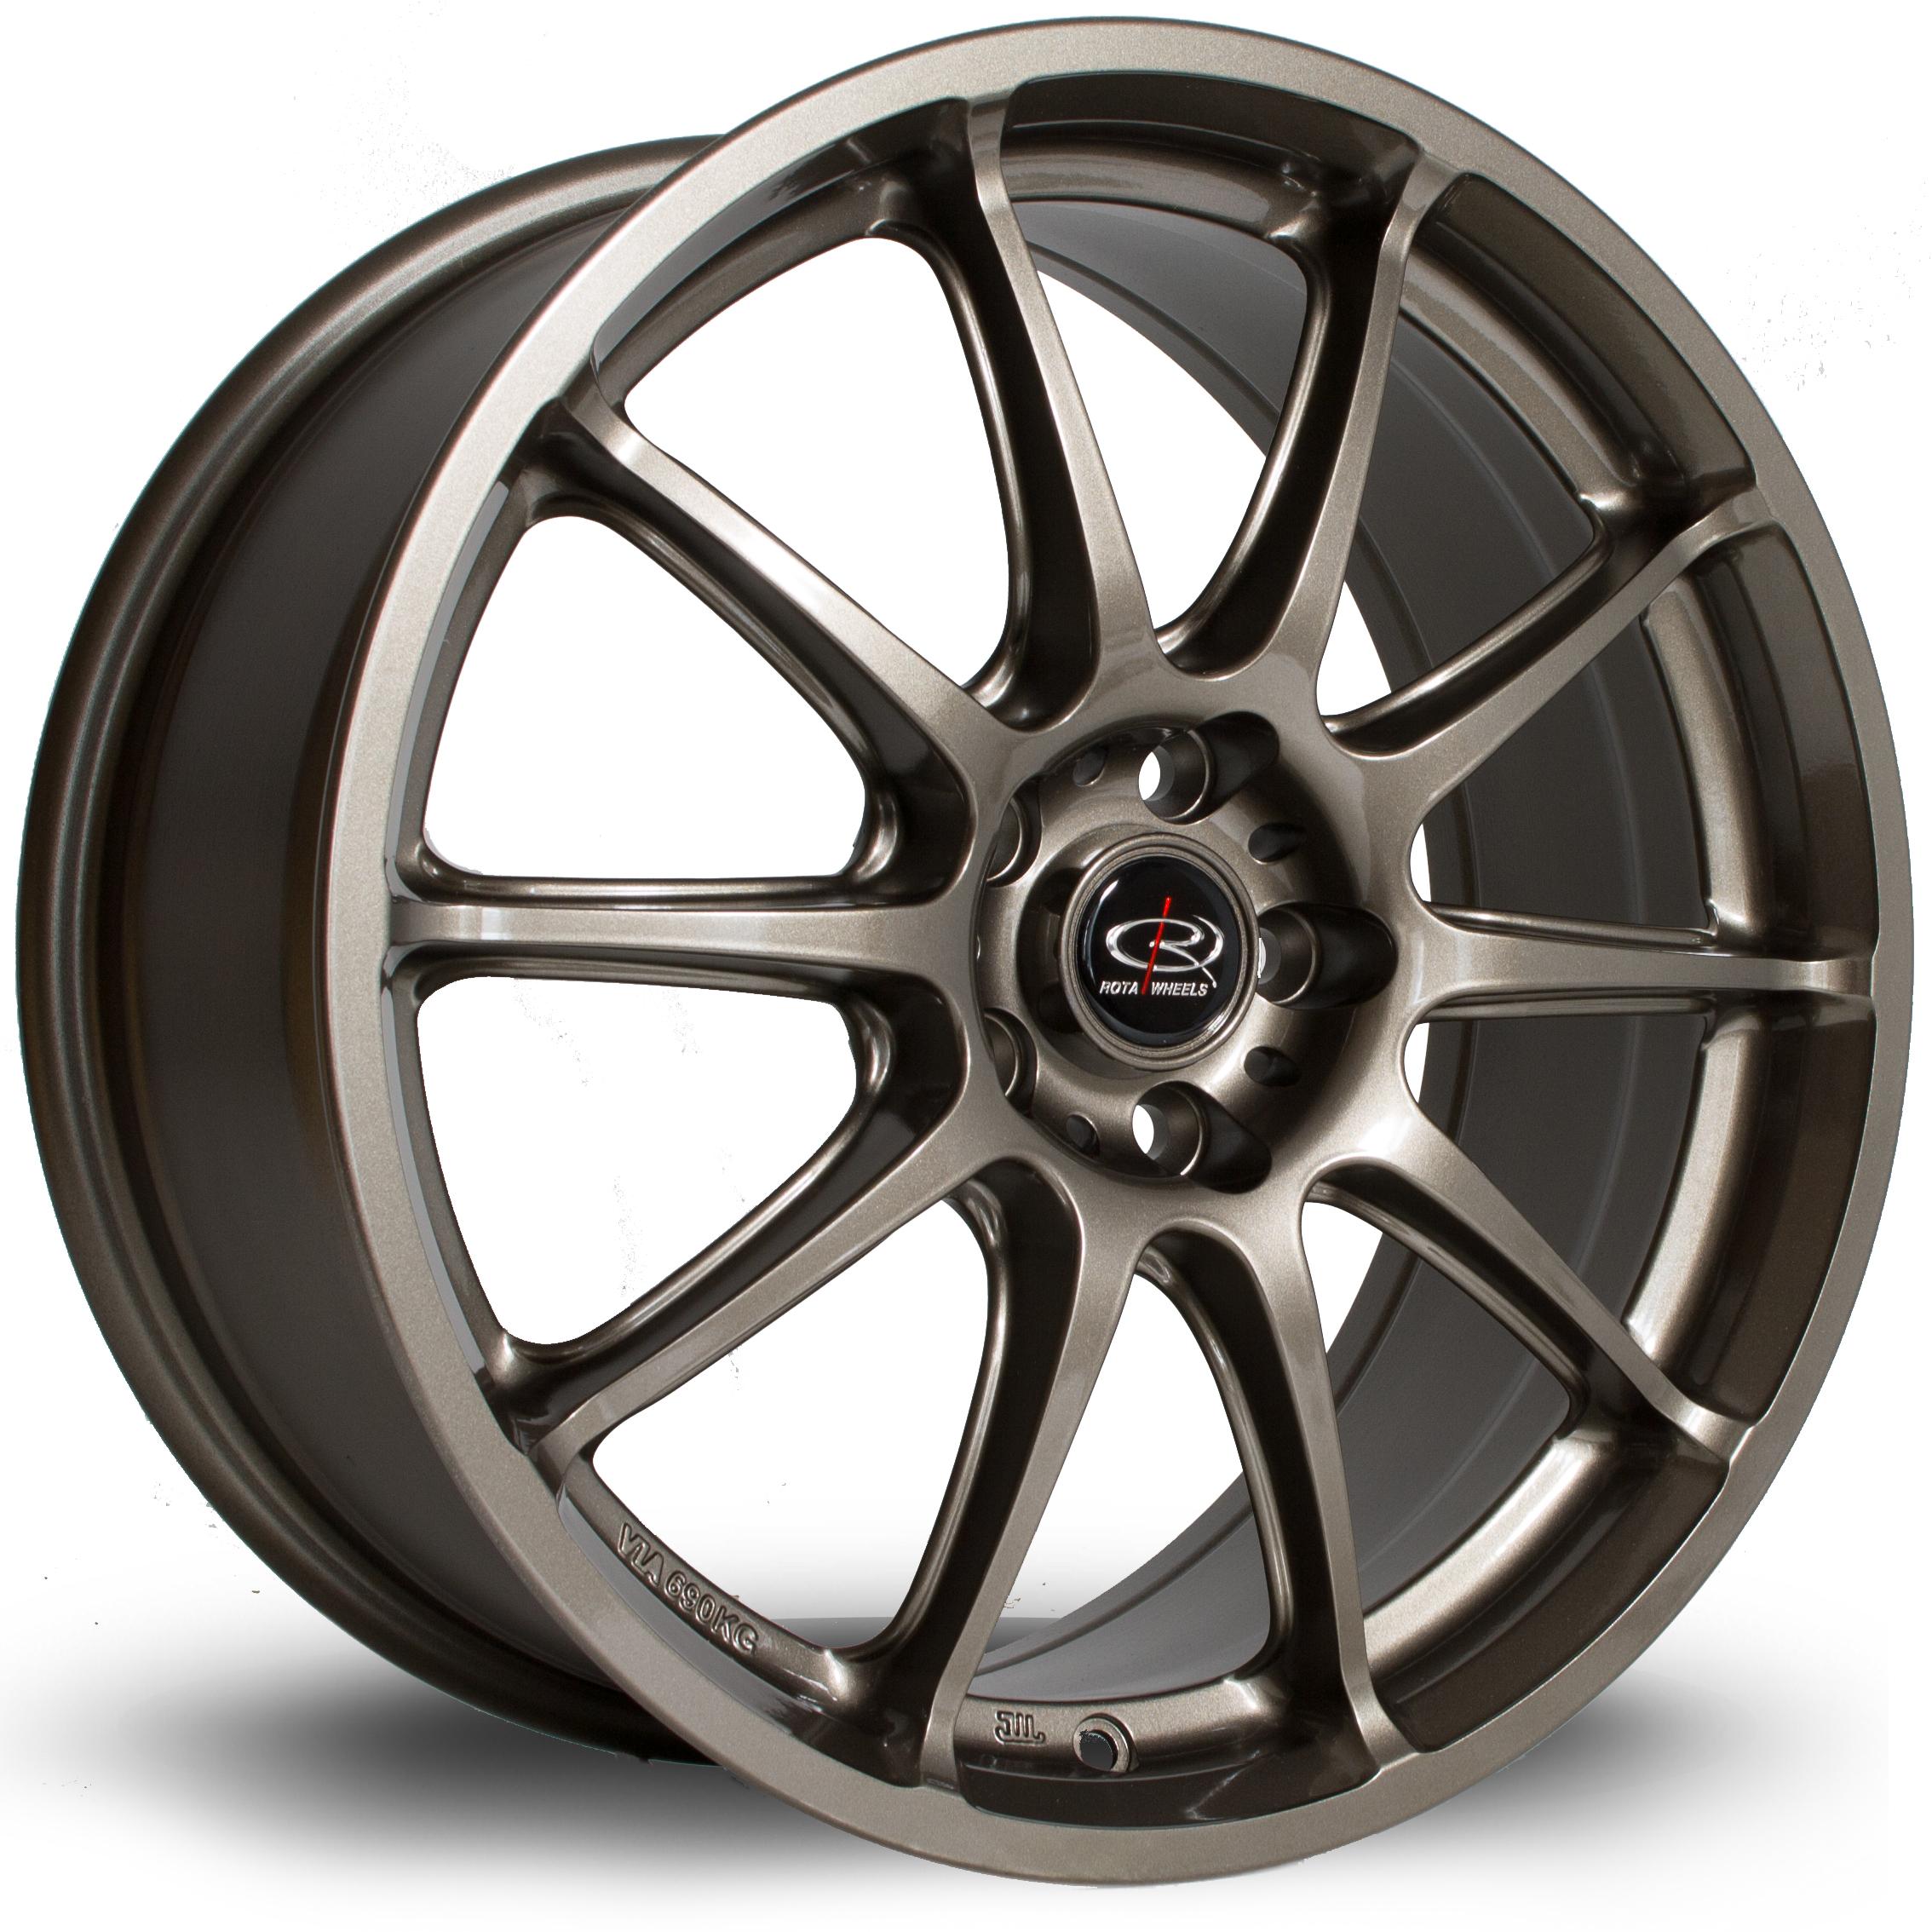 Rota GRA wheels